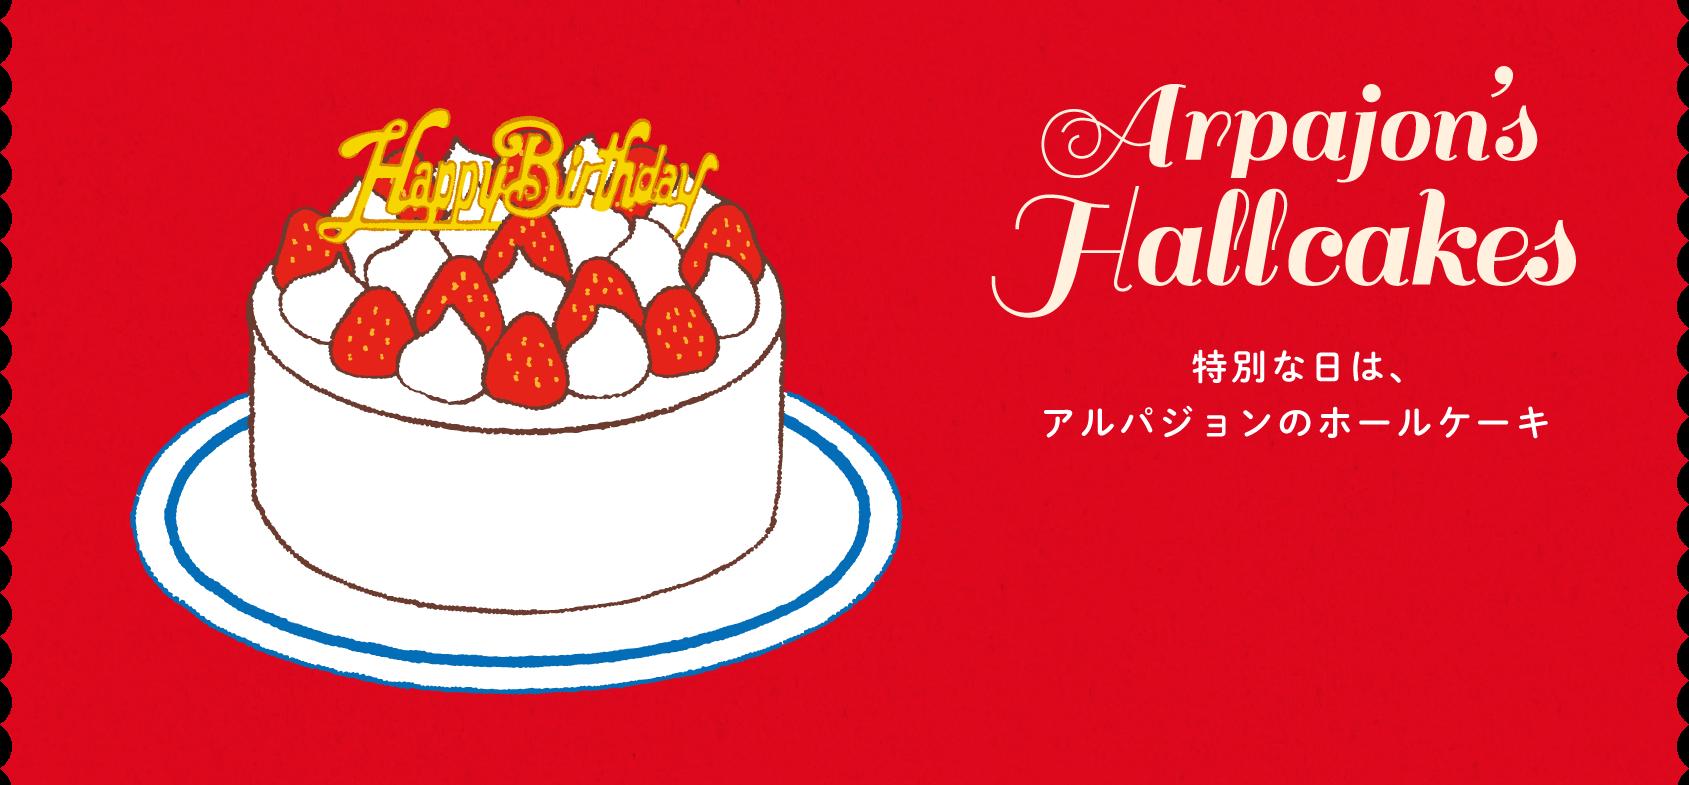 アルパジョンのホールケーキ